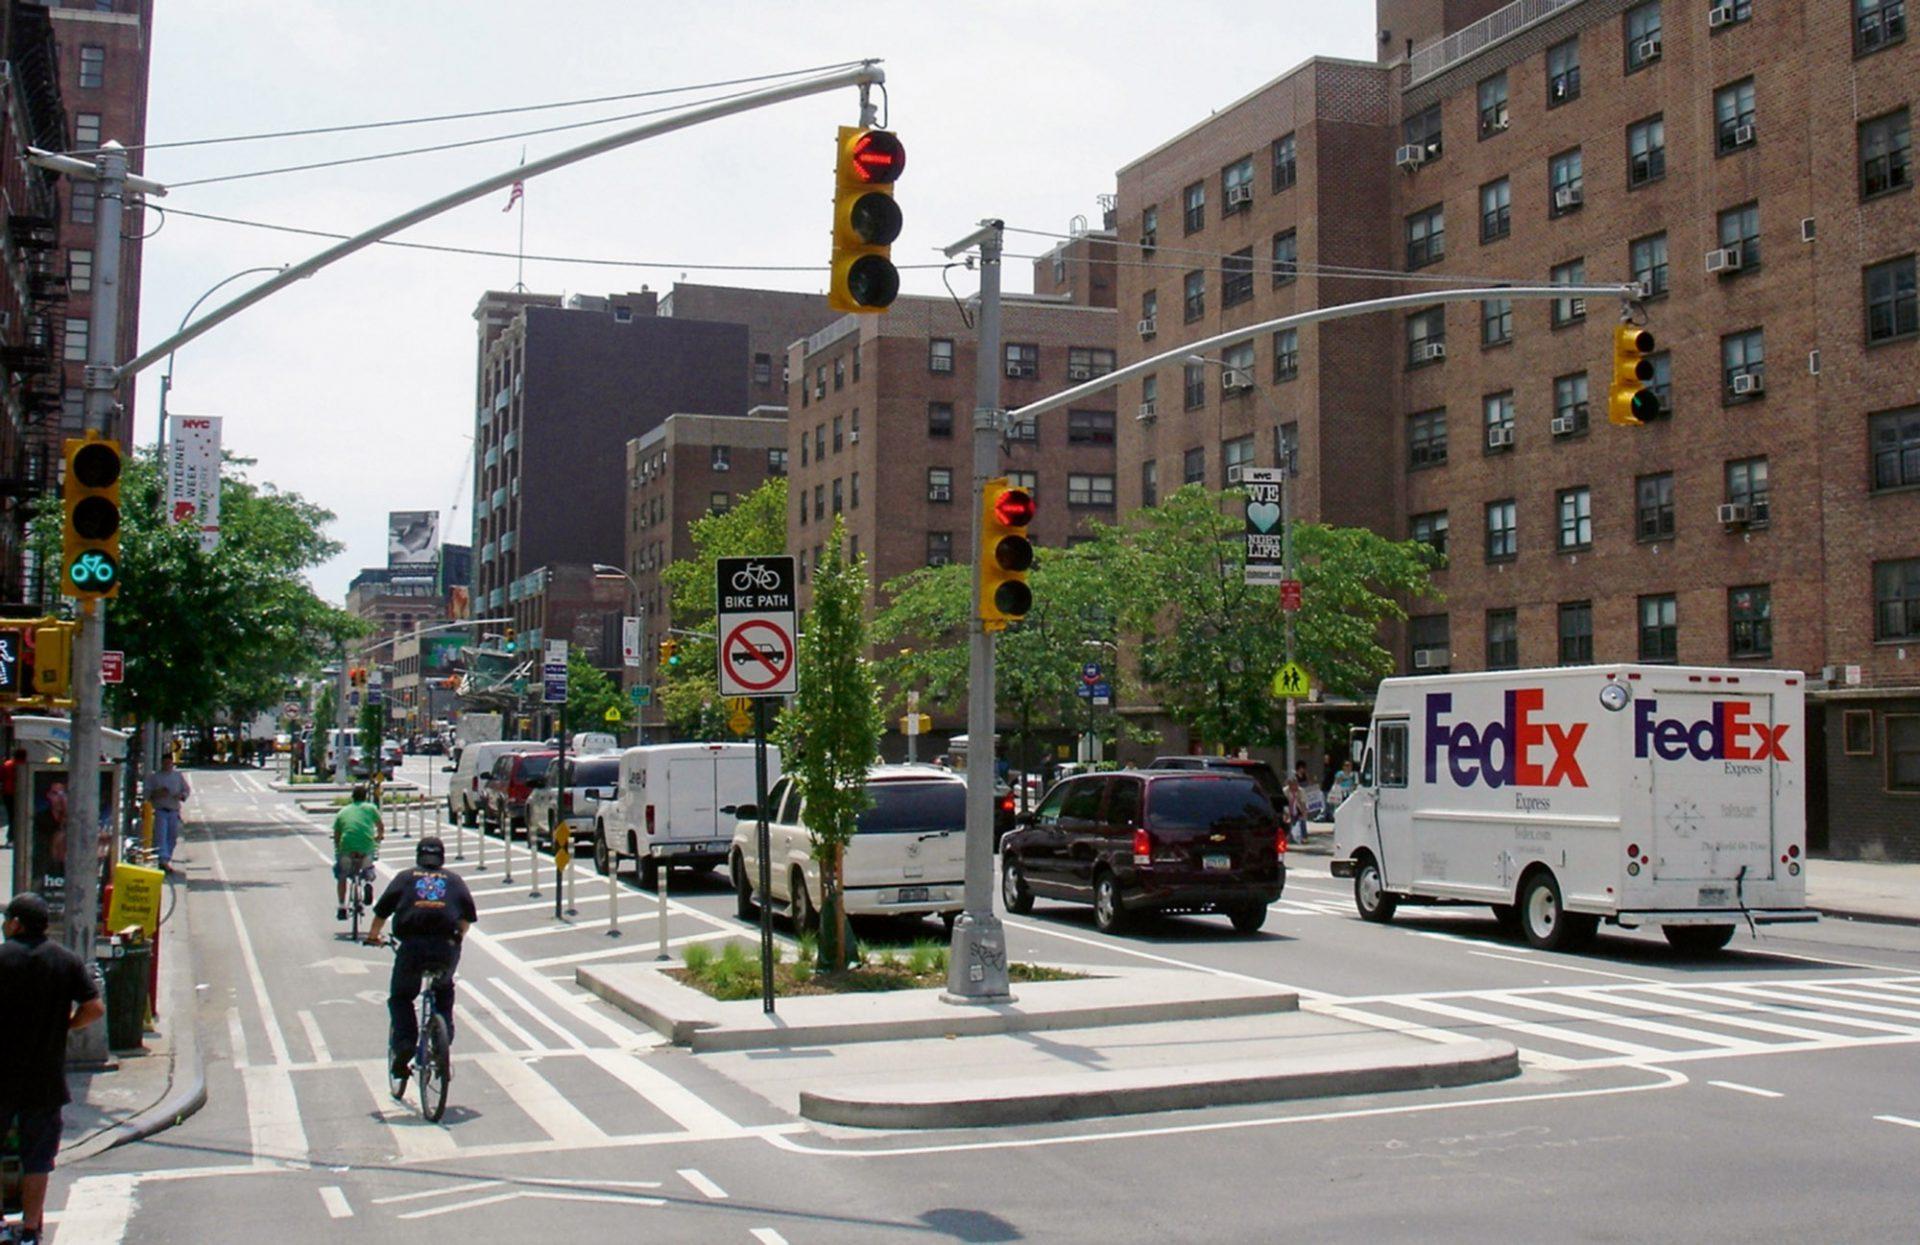 Das menschliche Maß. Der Ausbau von Radfahrwegen sorgte in Manhattans 9th  Avenue in nur zwei Jahren für eine Verdoppelung des Verkehrsaufkommens von Fahrrädern.